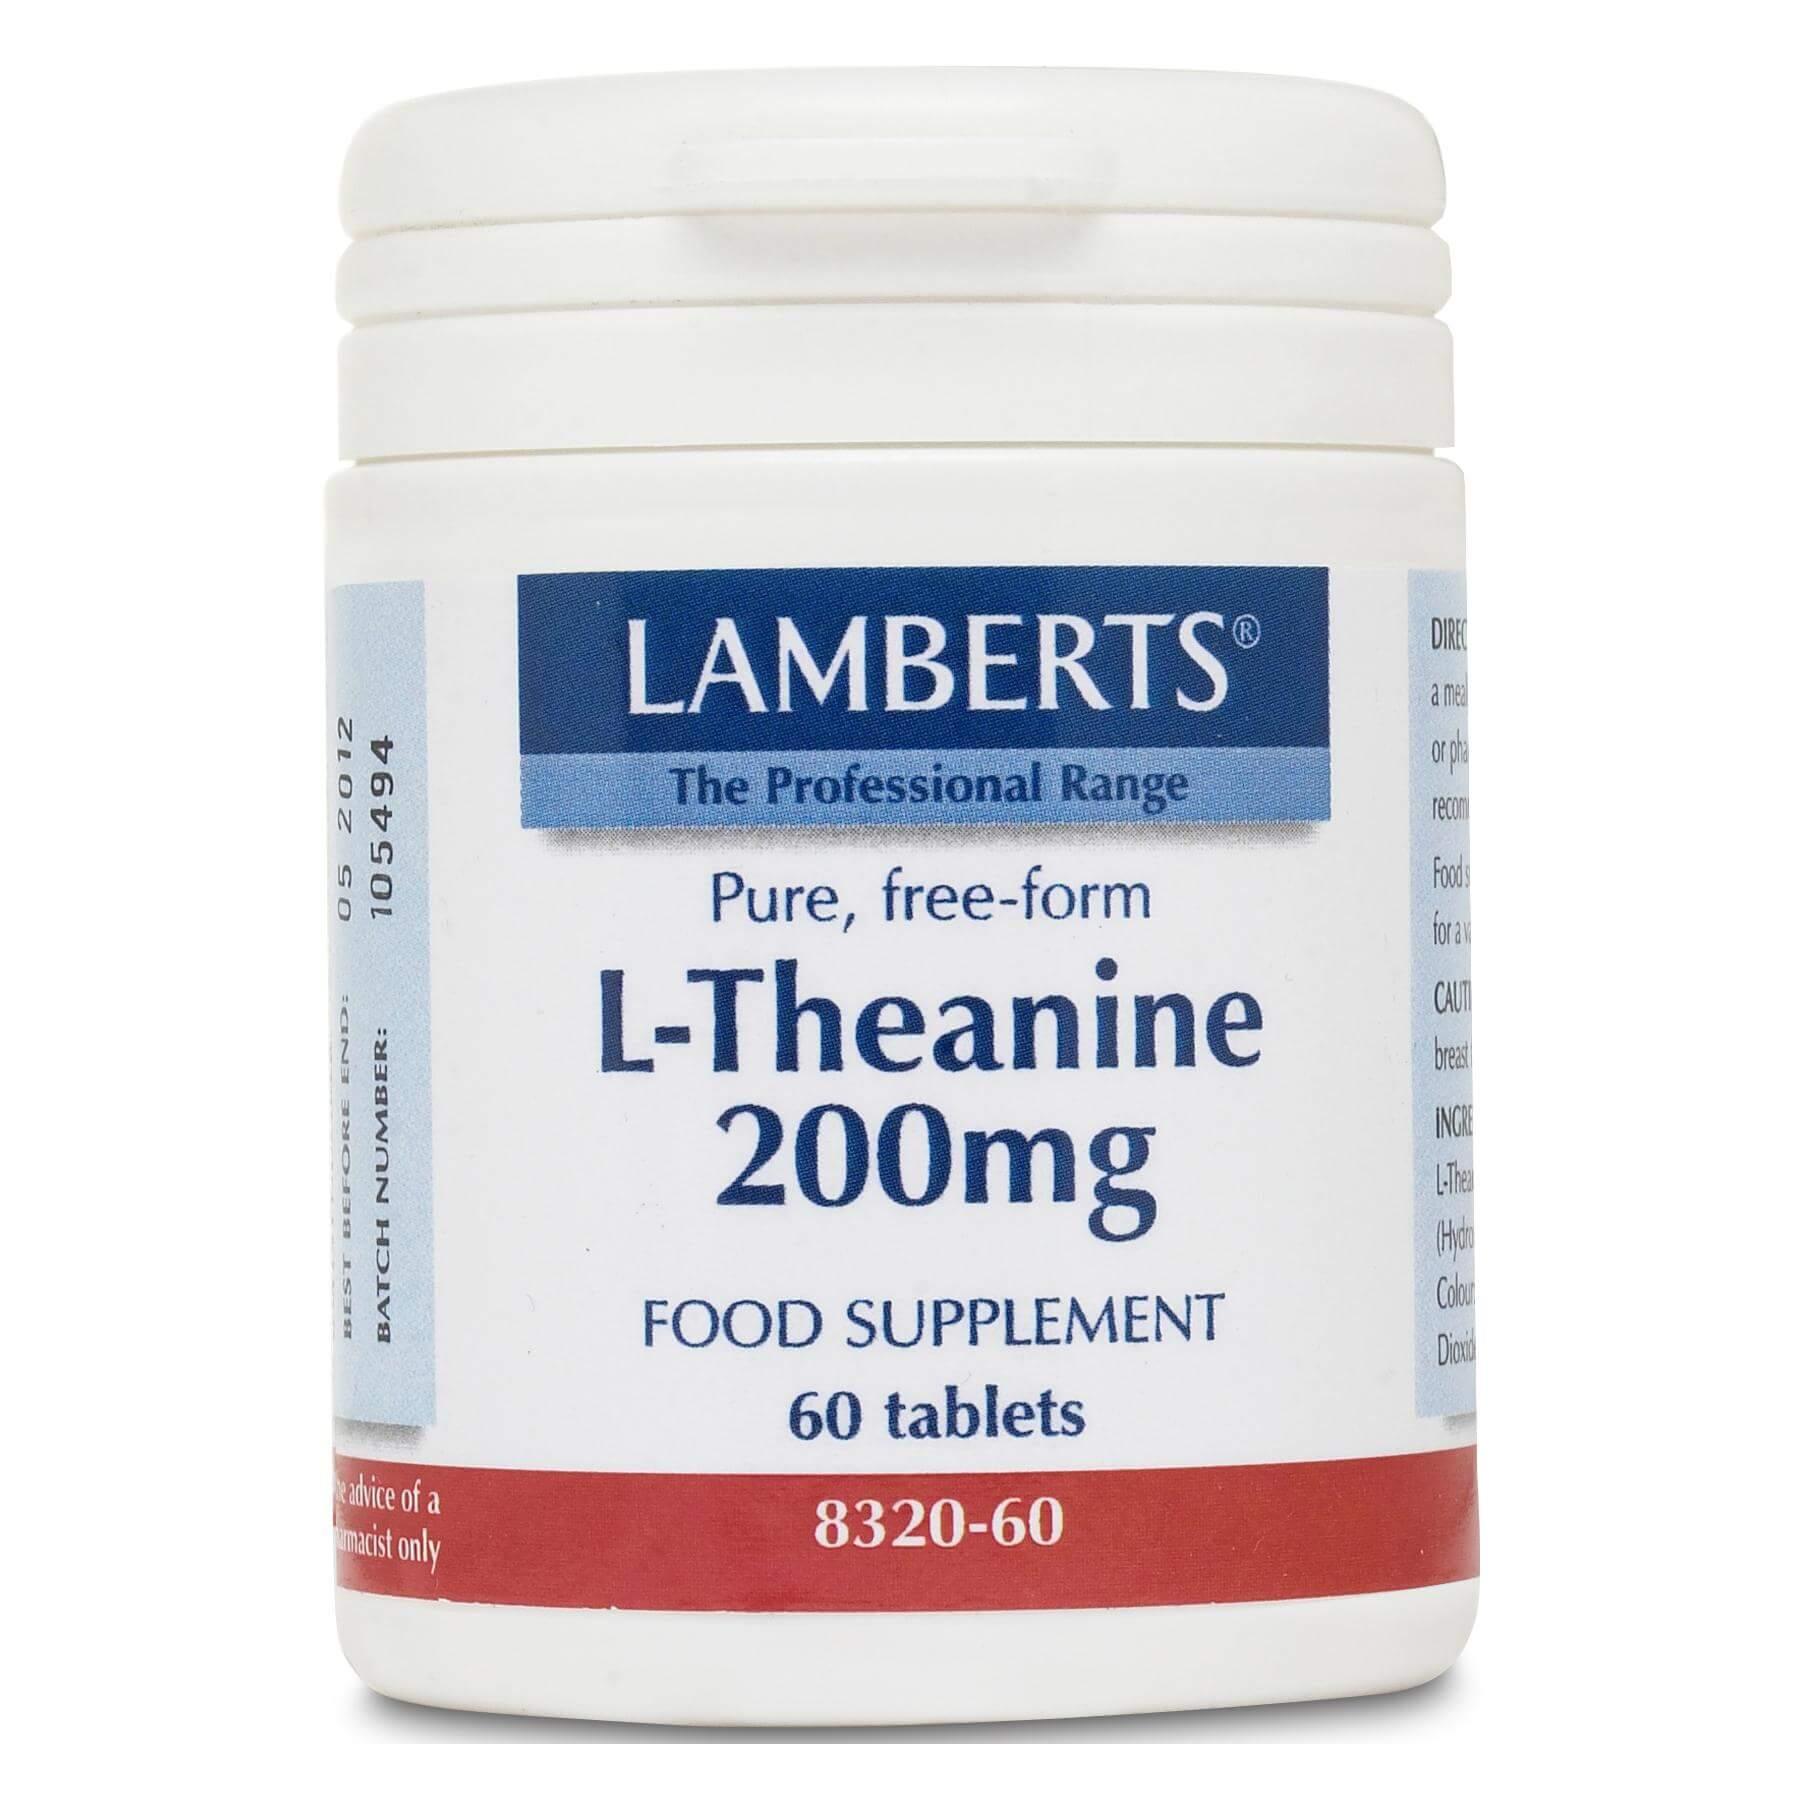 Lamberts L-Theanine Συμπλήρωμα Διατροφήςμε ΗρεμιστικήΔράσηΧωρίς την Εμφάνιση Συνοδού Υπνηλίας200mg 60tabs